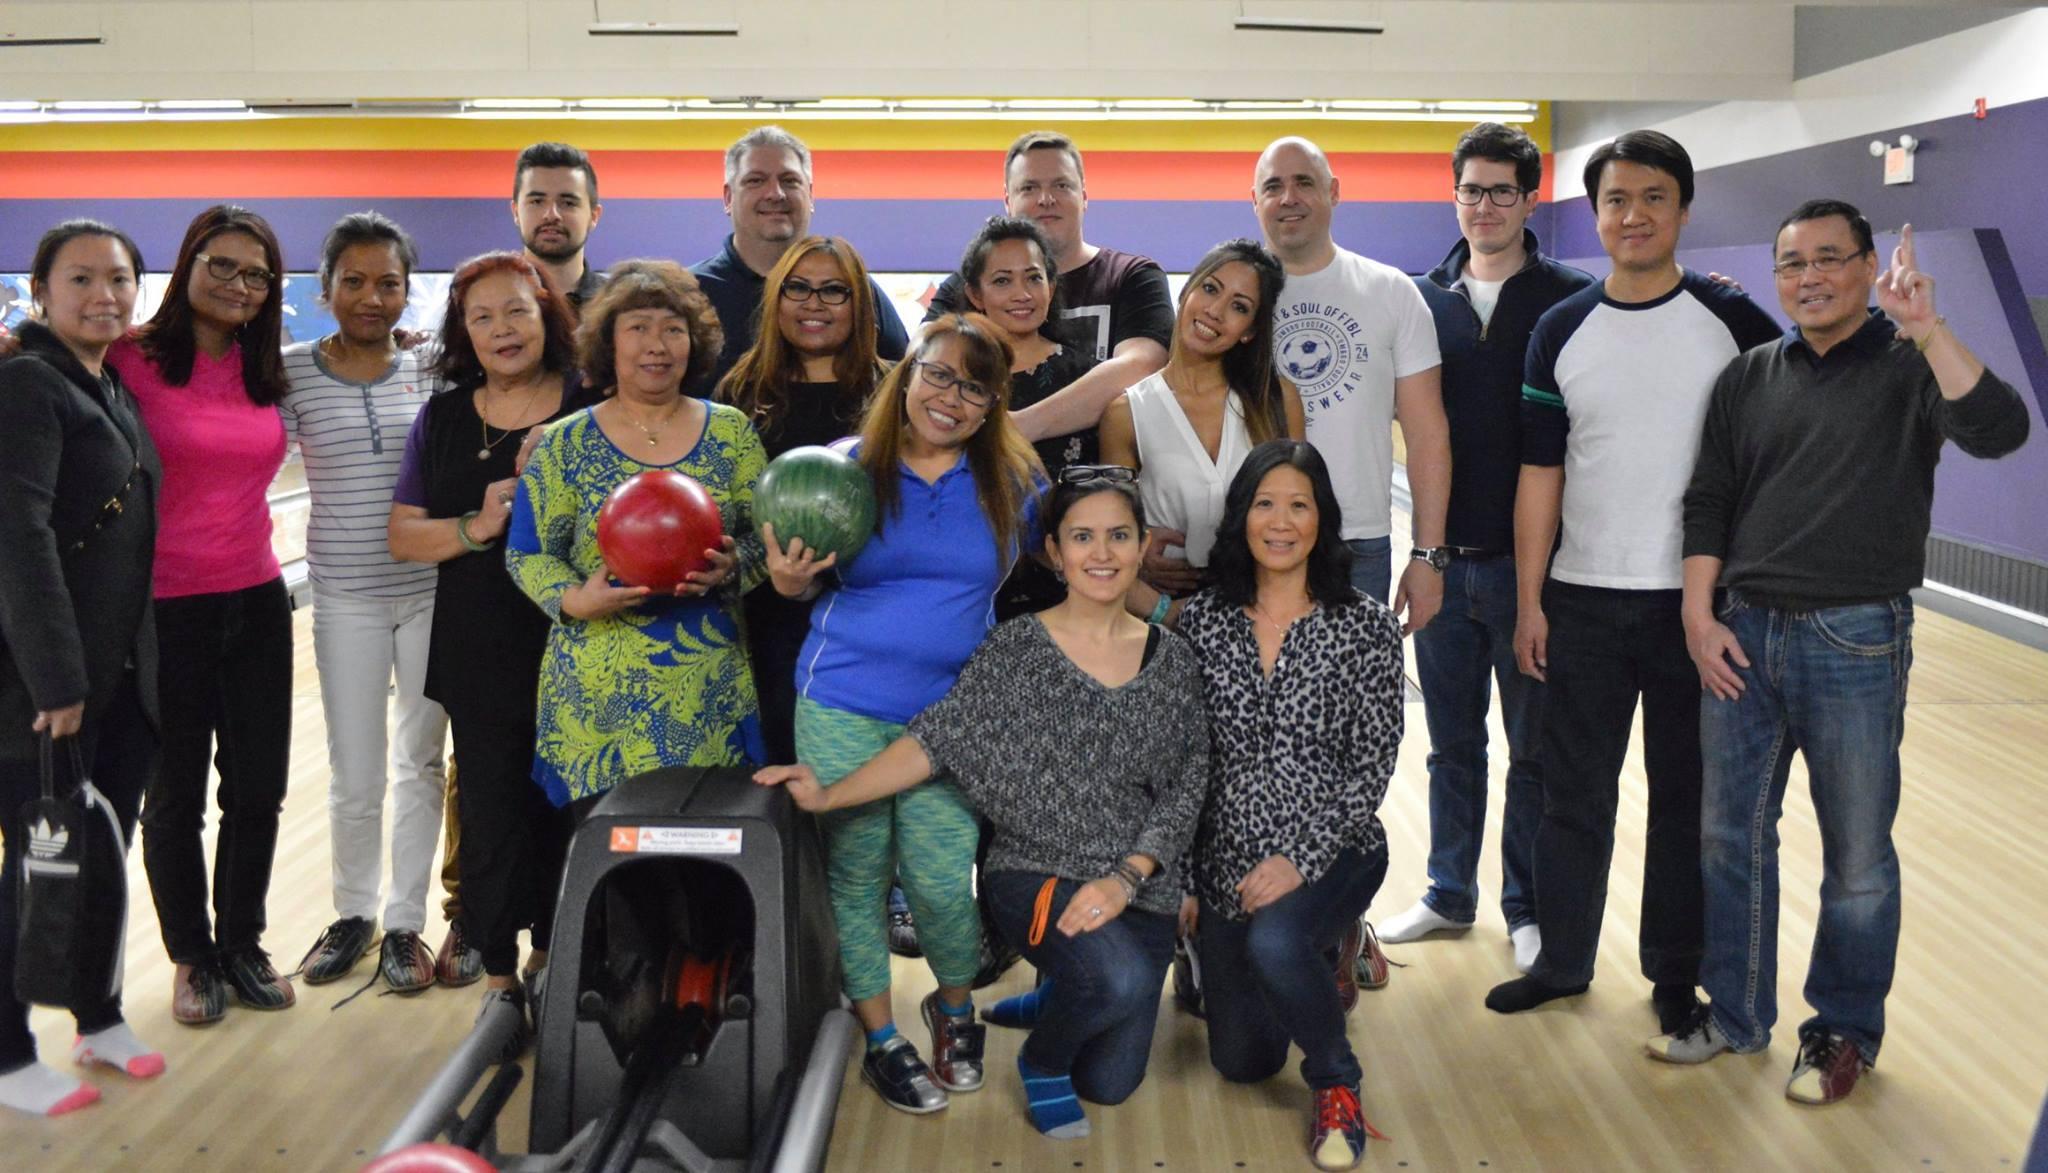 cisc-bowling-fun-2018-31